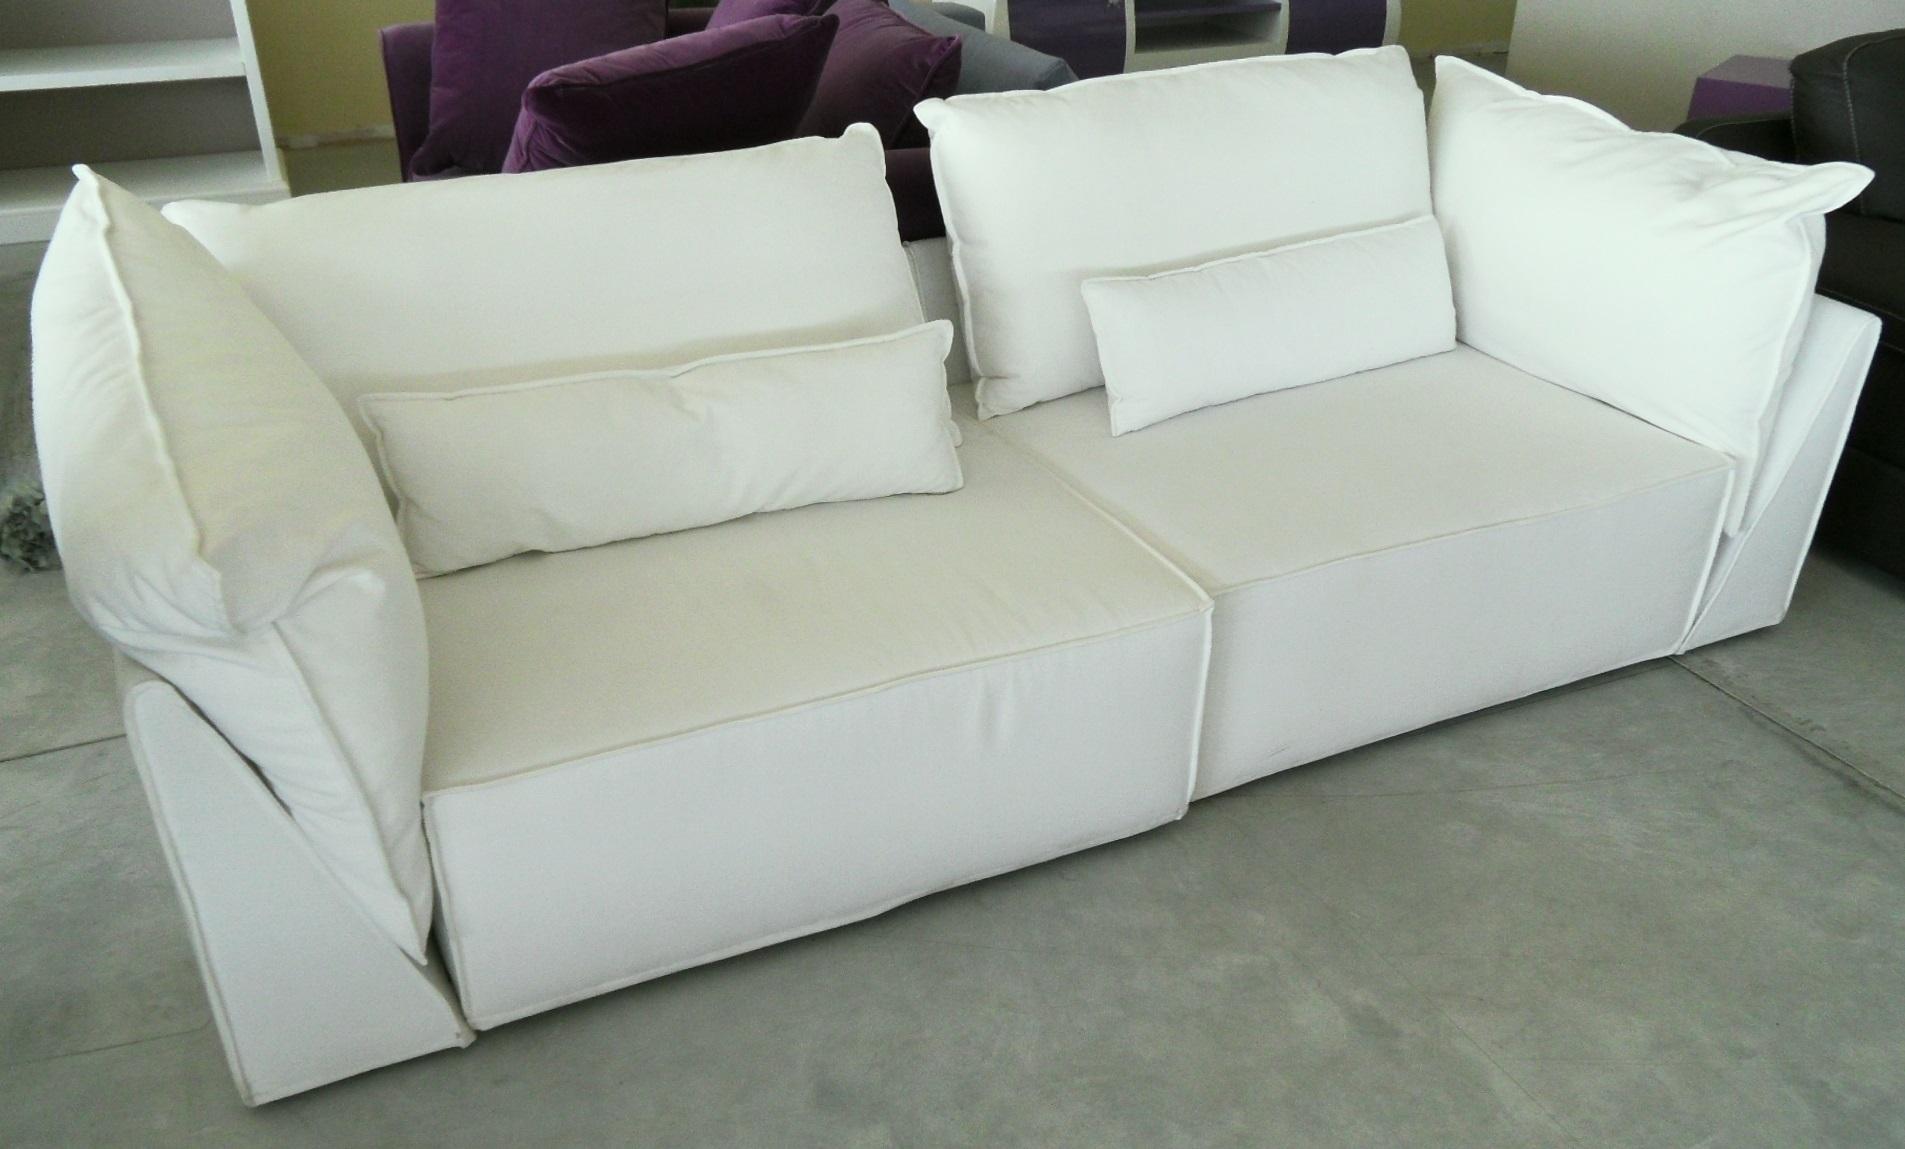 Divano in tessuto bianco scontato del 55 divani a for Divano in tessuto